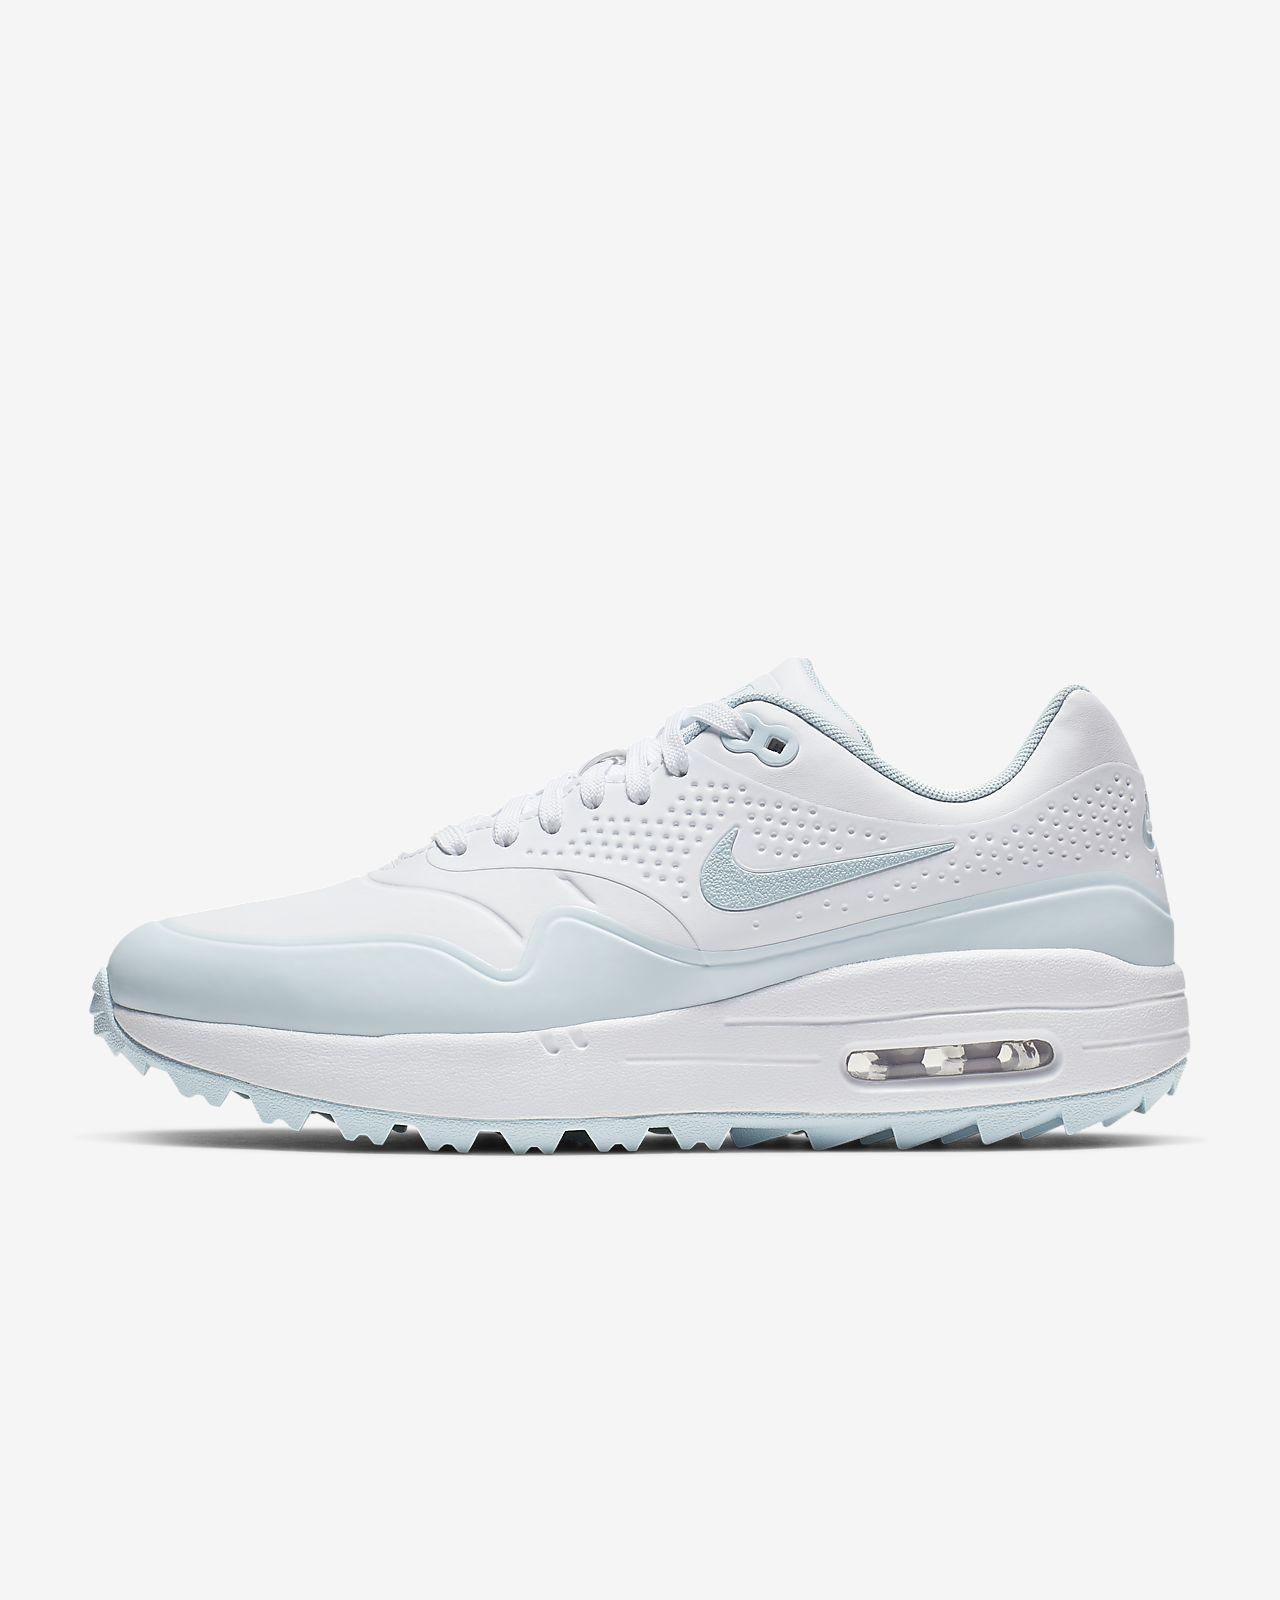 online store 0a64a 397ef ... Golfsko Nike Air Max 1 G för kvinnor